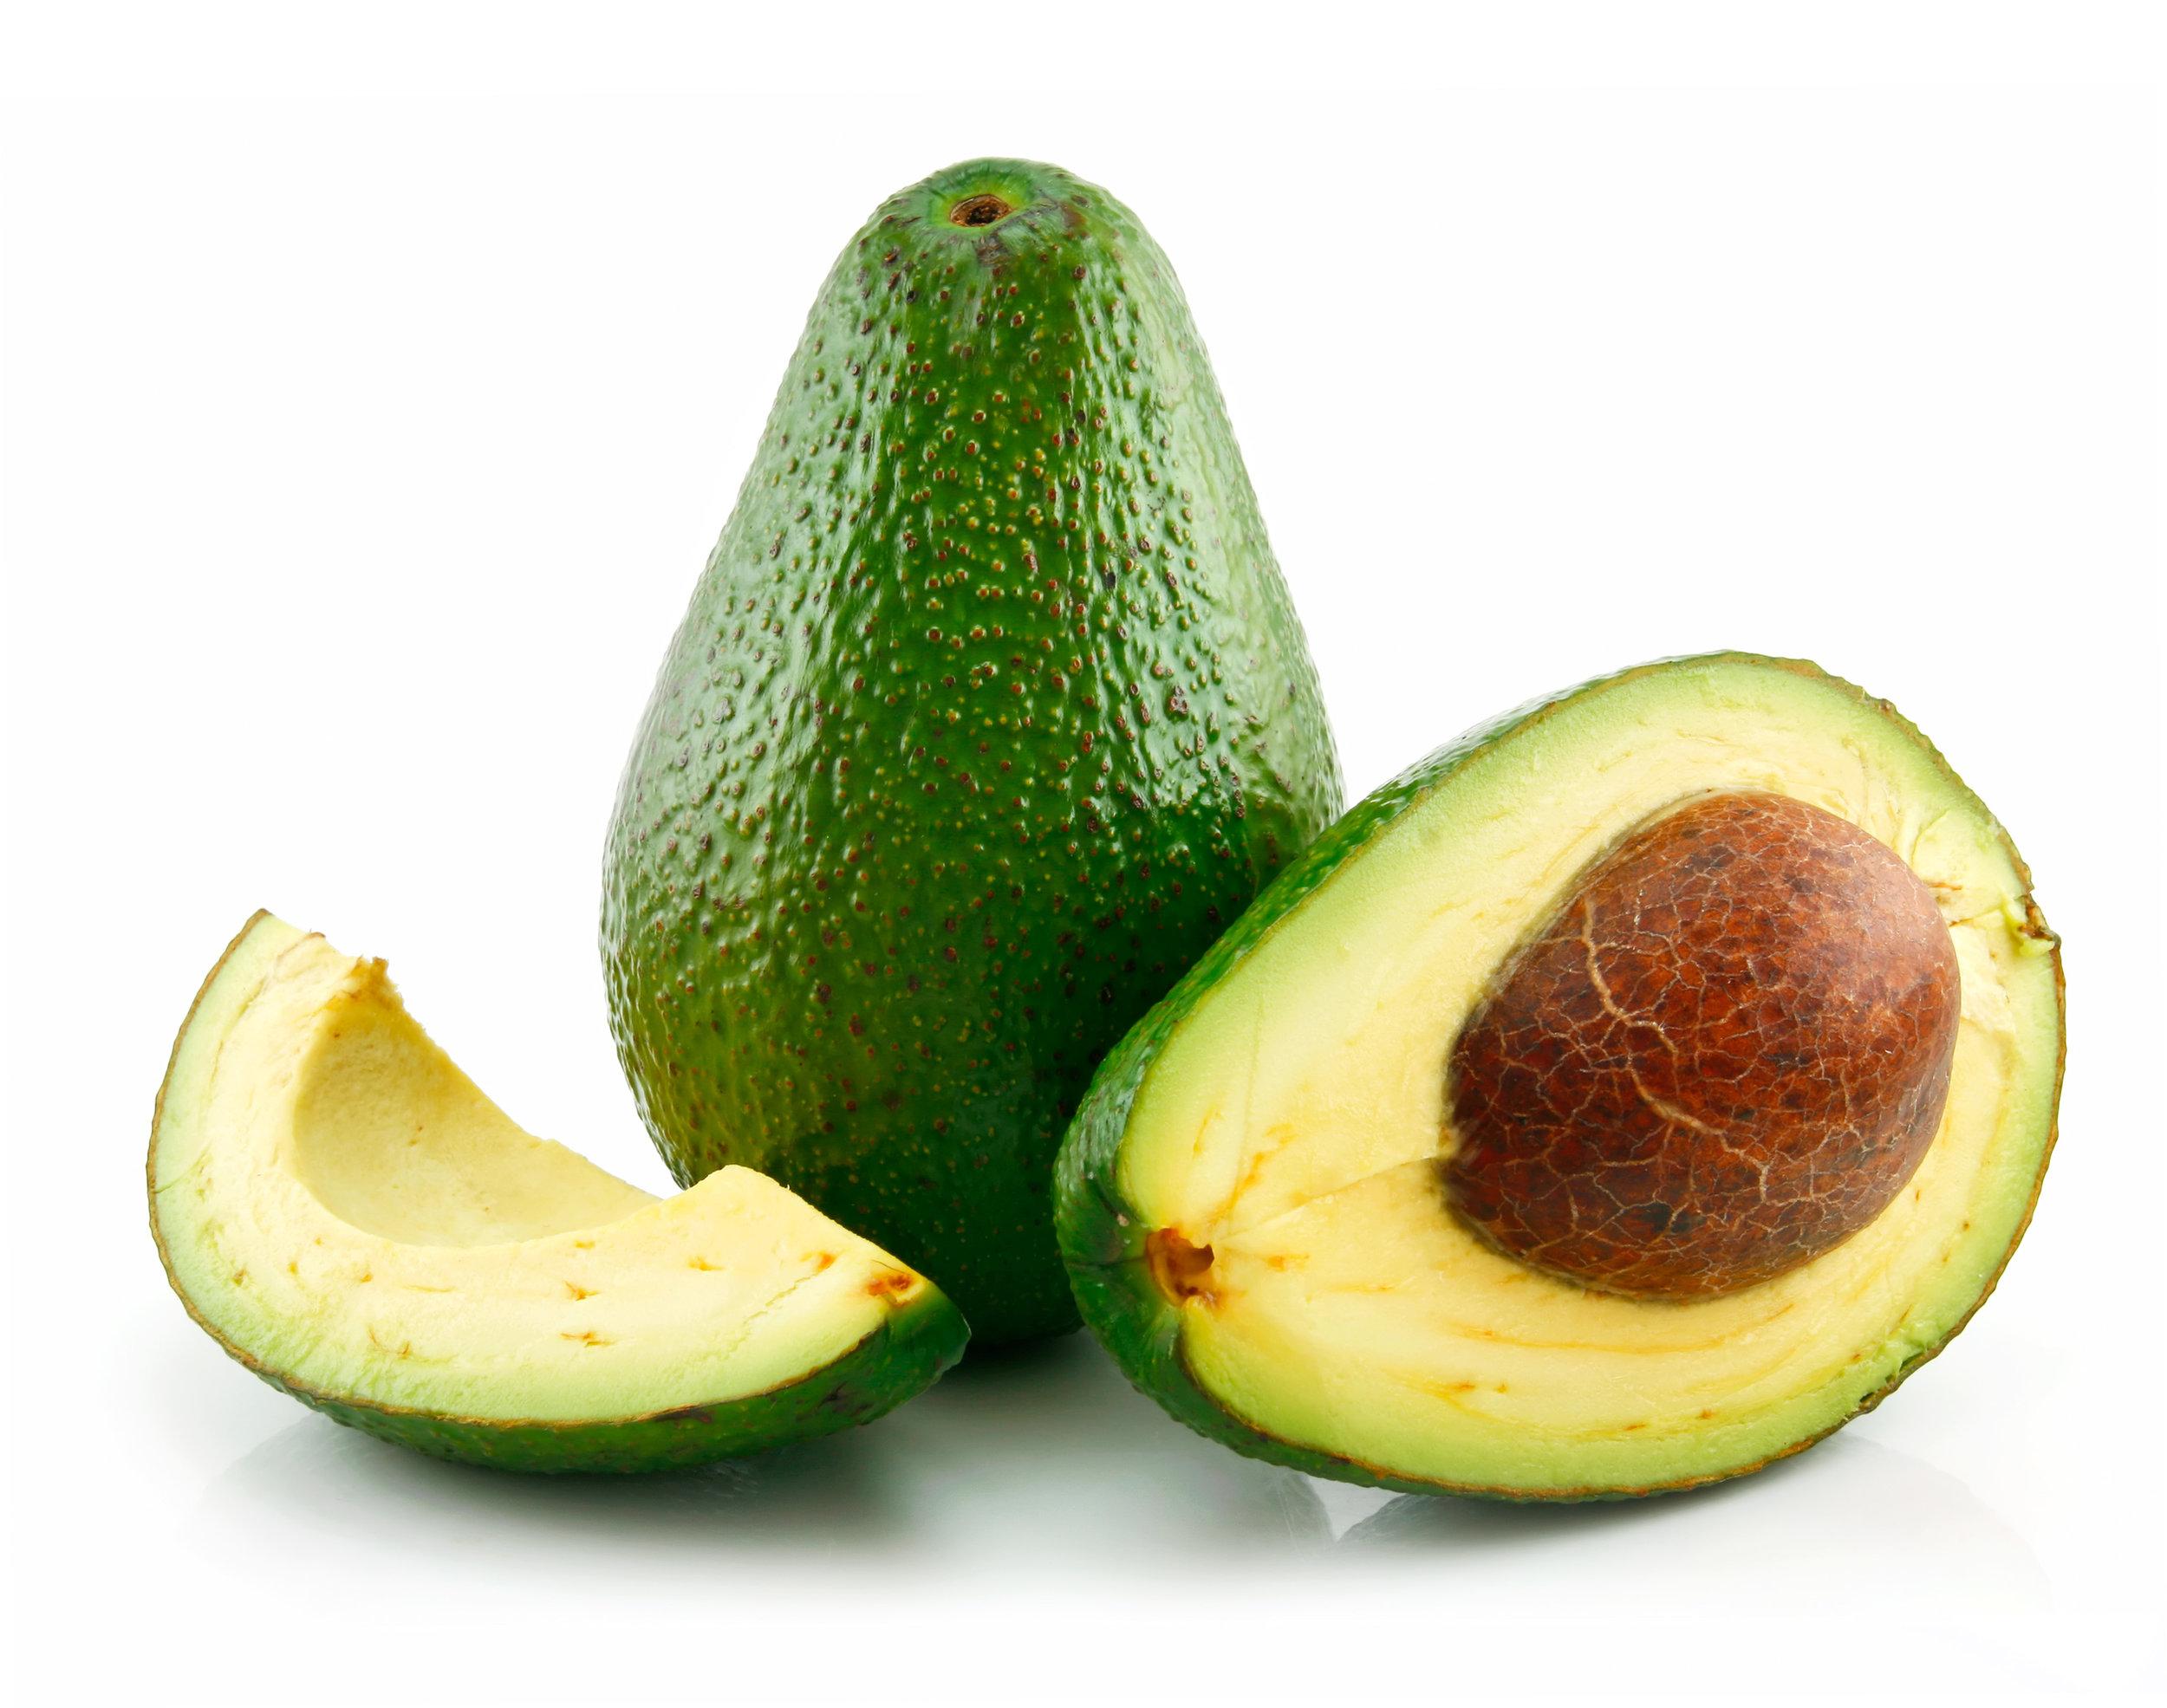 ripe-sliced-avocado-isolated-on-white-10759330.jpg